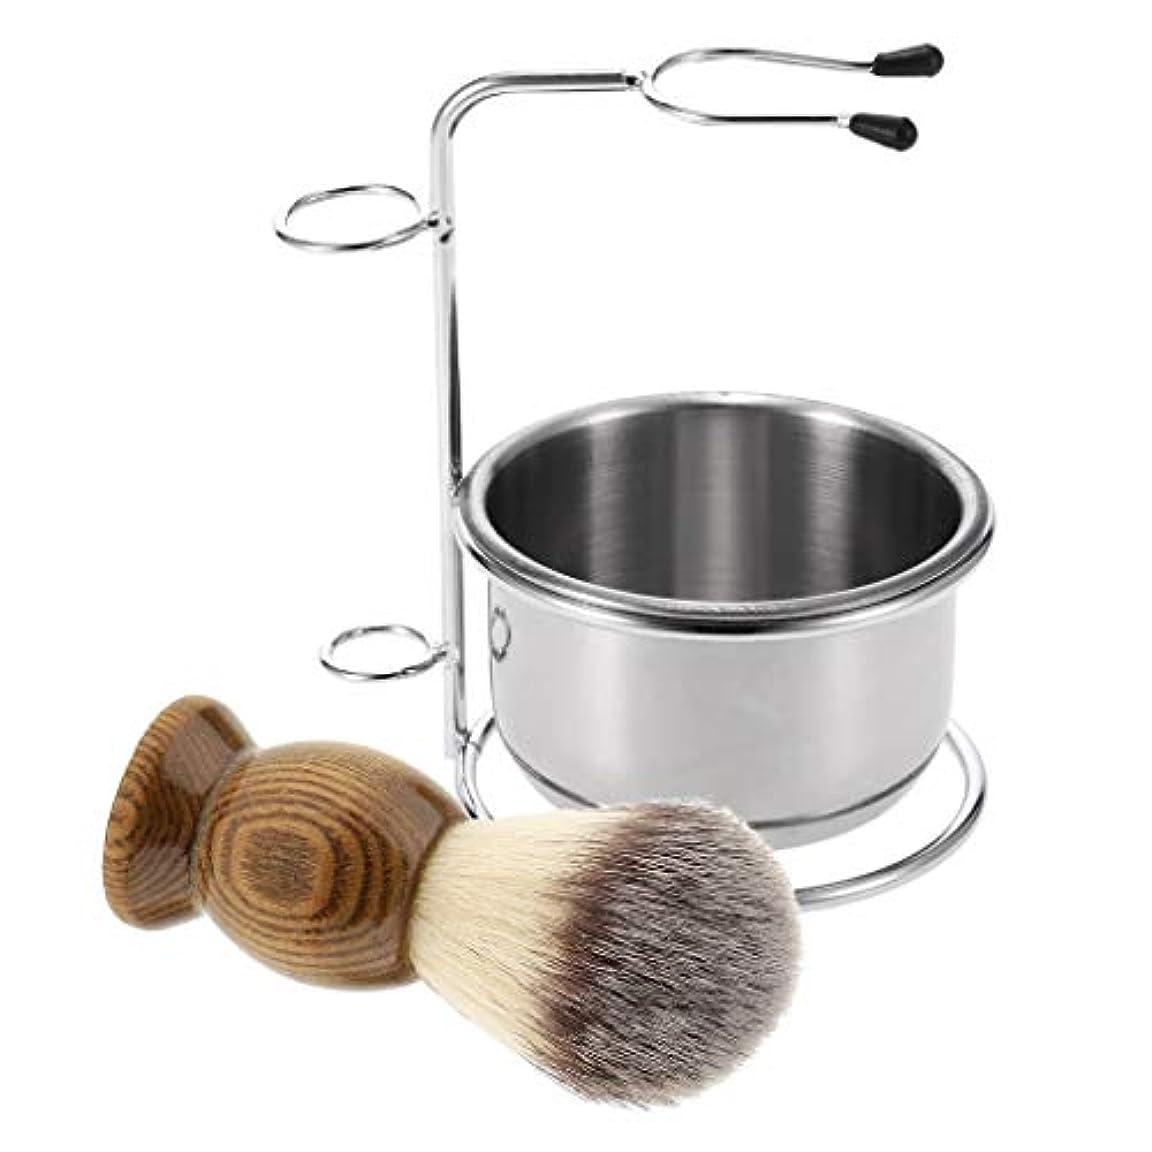 読み書きのできないお香カナダD DOLITY 3点セット 髭剃り シェービングキット ブラシ+ボウル+ブラシホルダー サロン 美容室